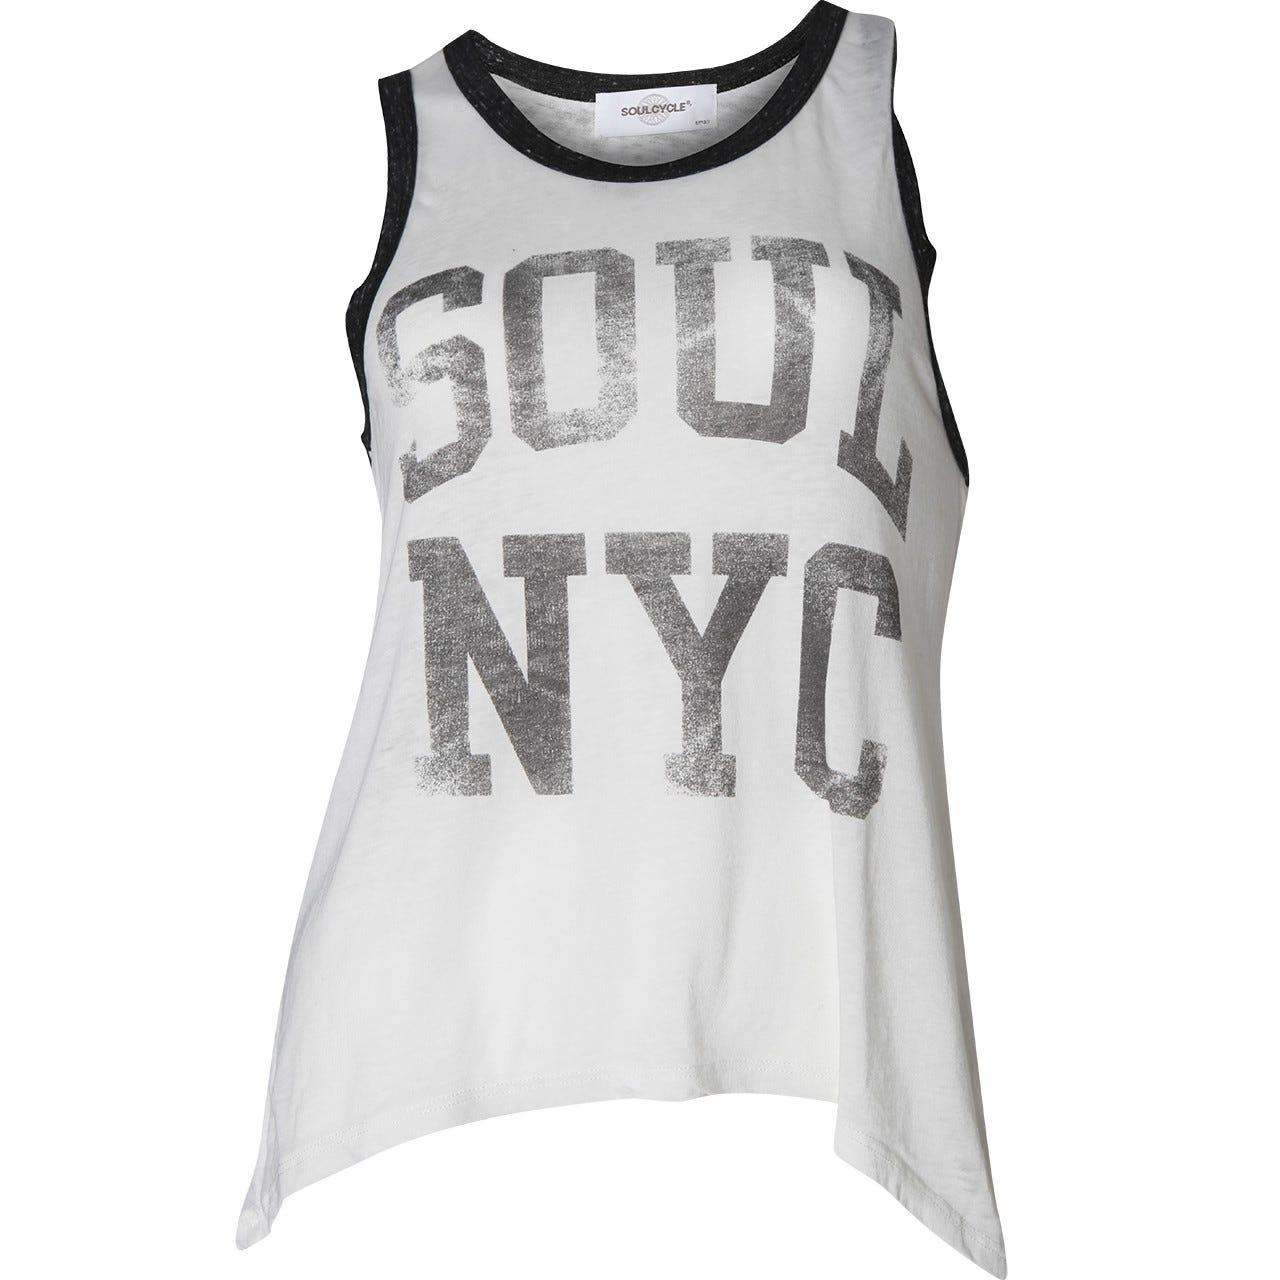 SOUL NYC Burnout Tank